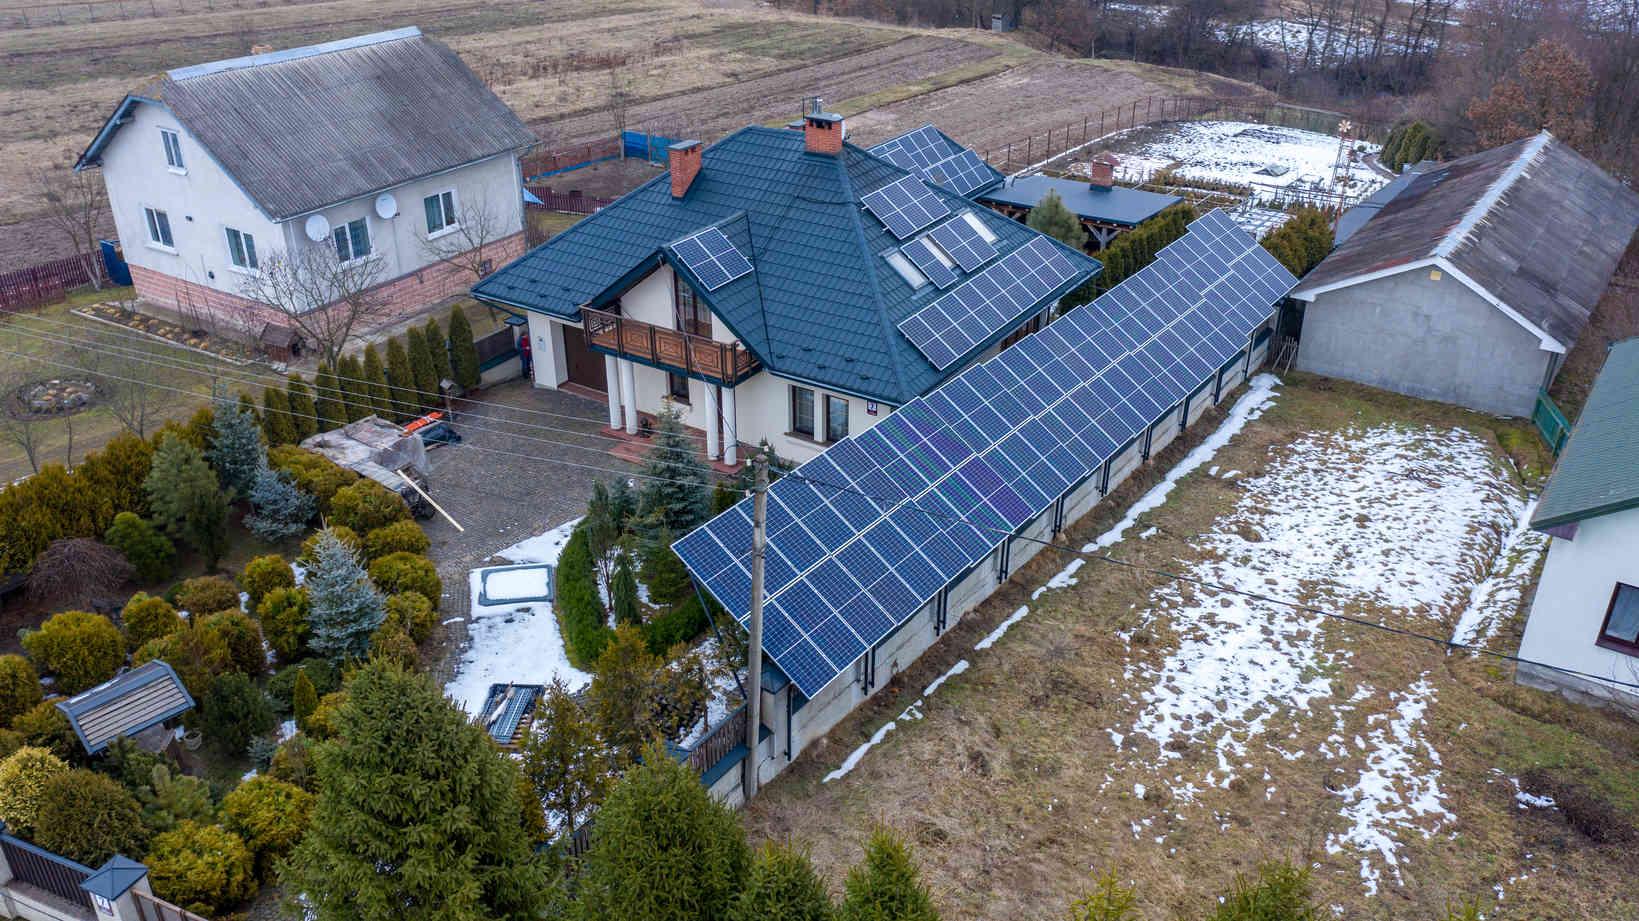 Мережева сонячна електростанція (СЕС) потужністю 33,68 кВт – Фотозвіт #4